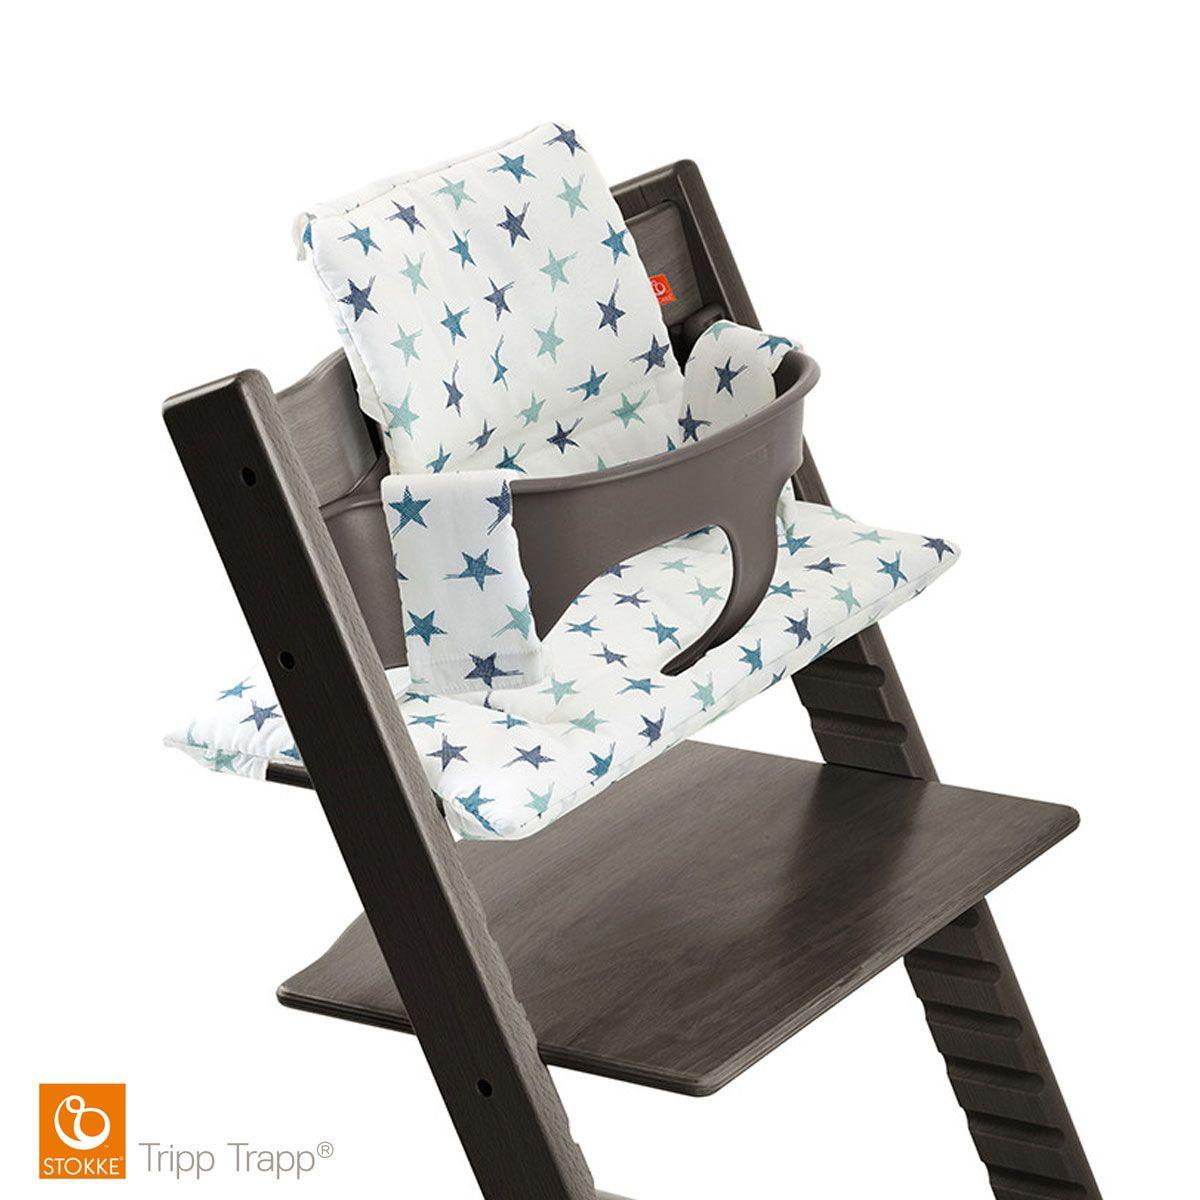 Coussin chaise Tripp Trapp® STOKKE : Avis et comparateur de prix